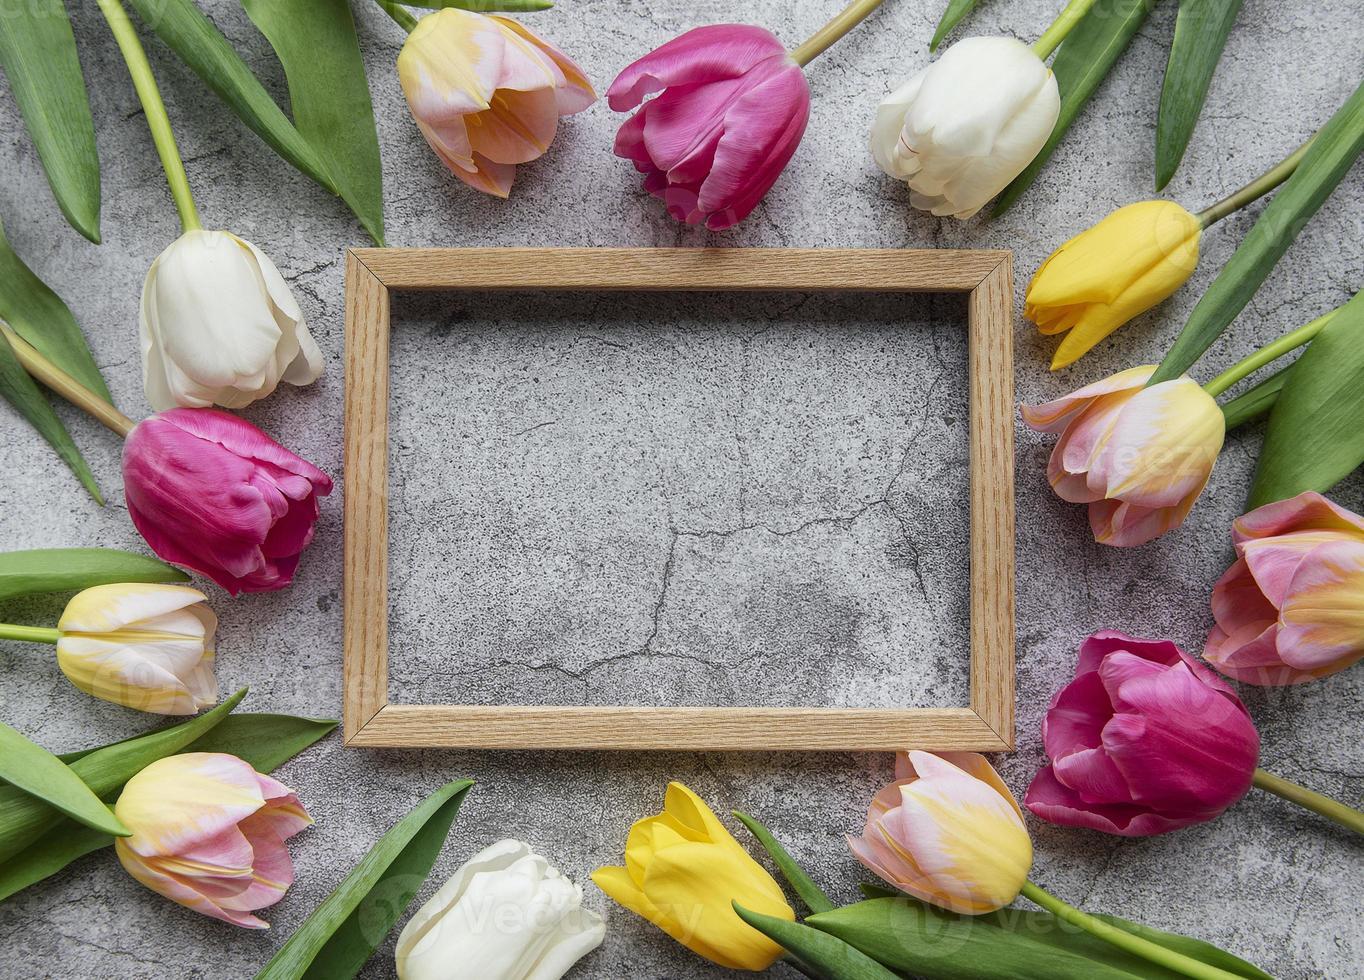 tulipanes de primavera sobre un fondo de hormigón foto